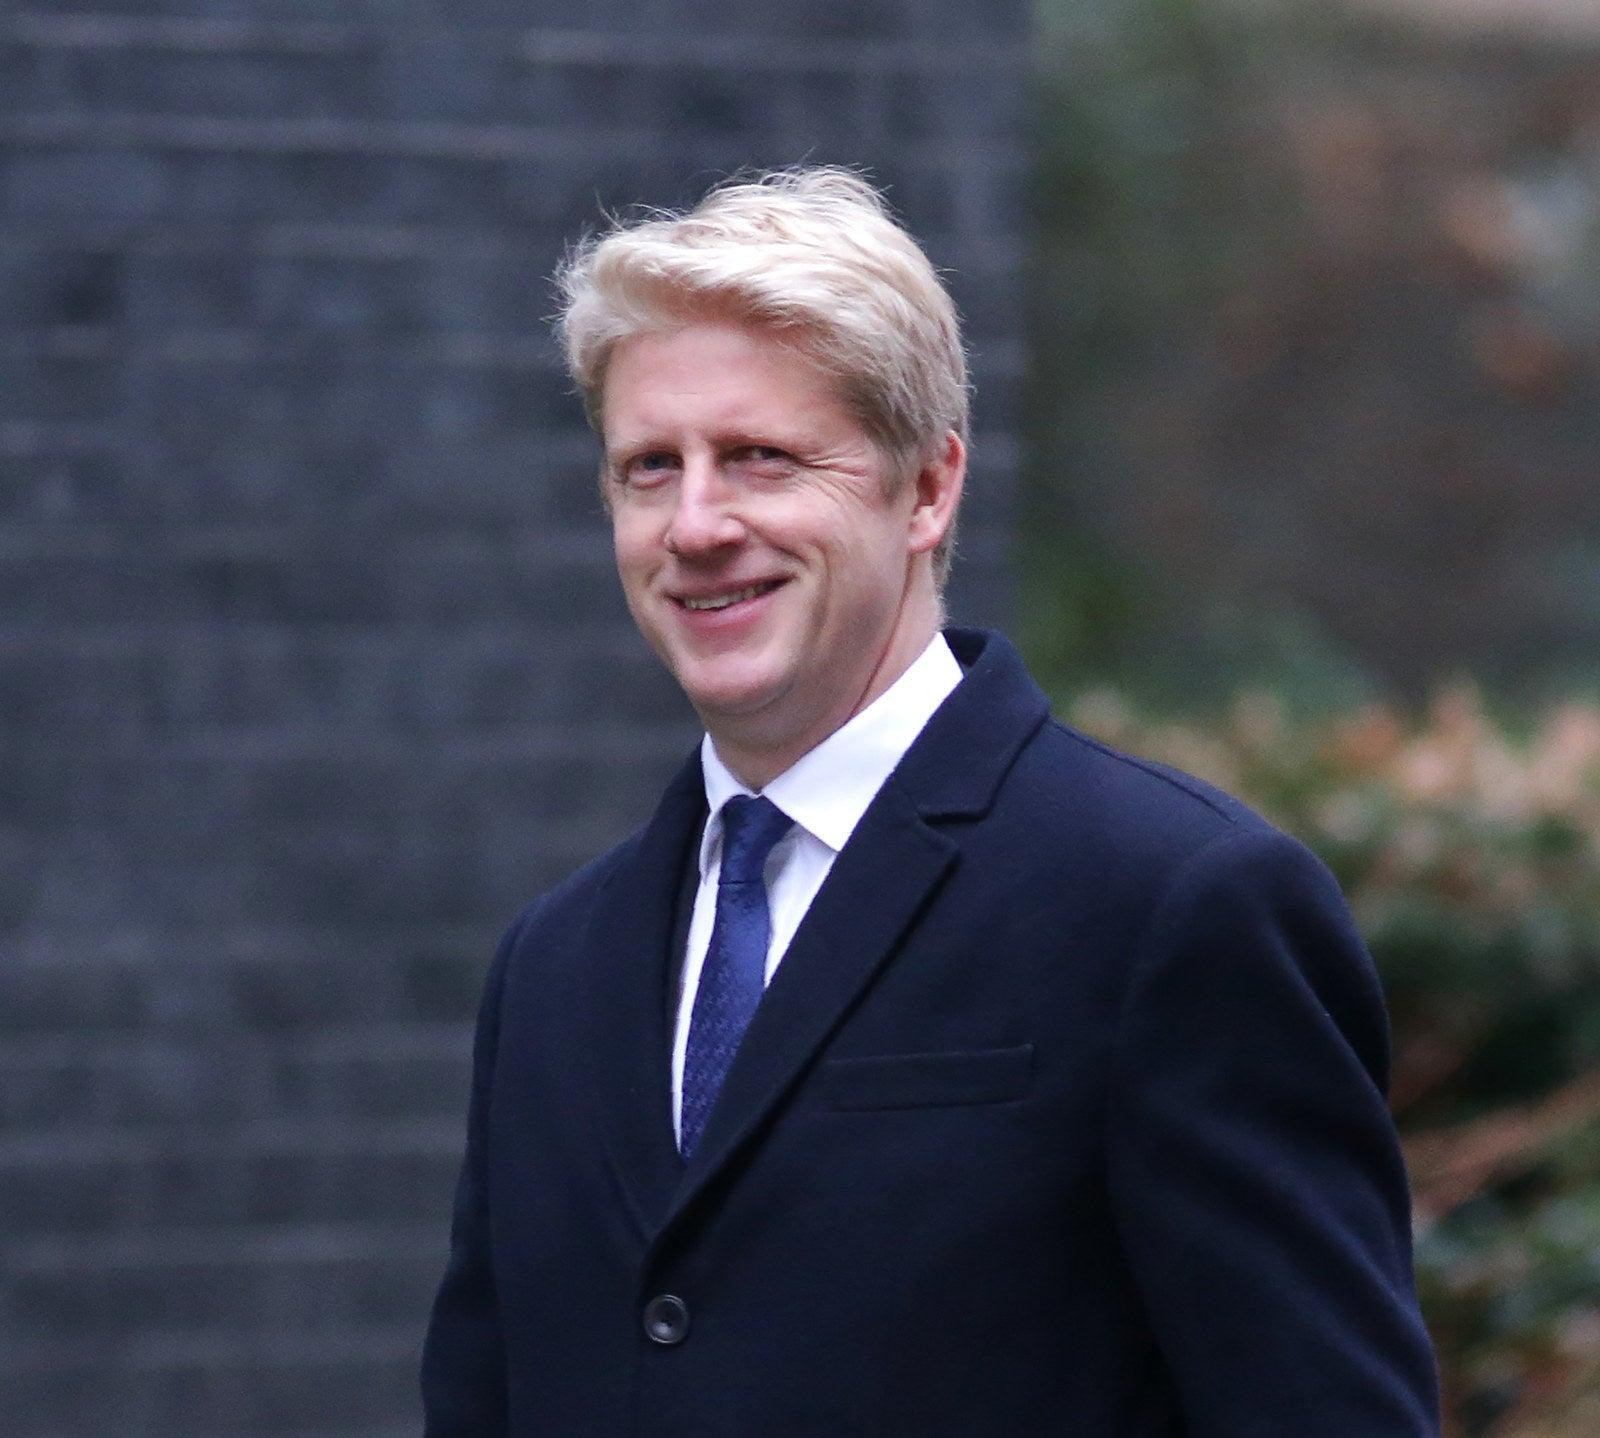 Tory MP Jo Johnson